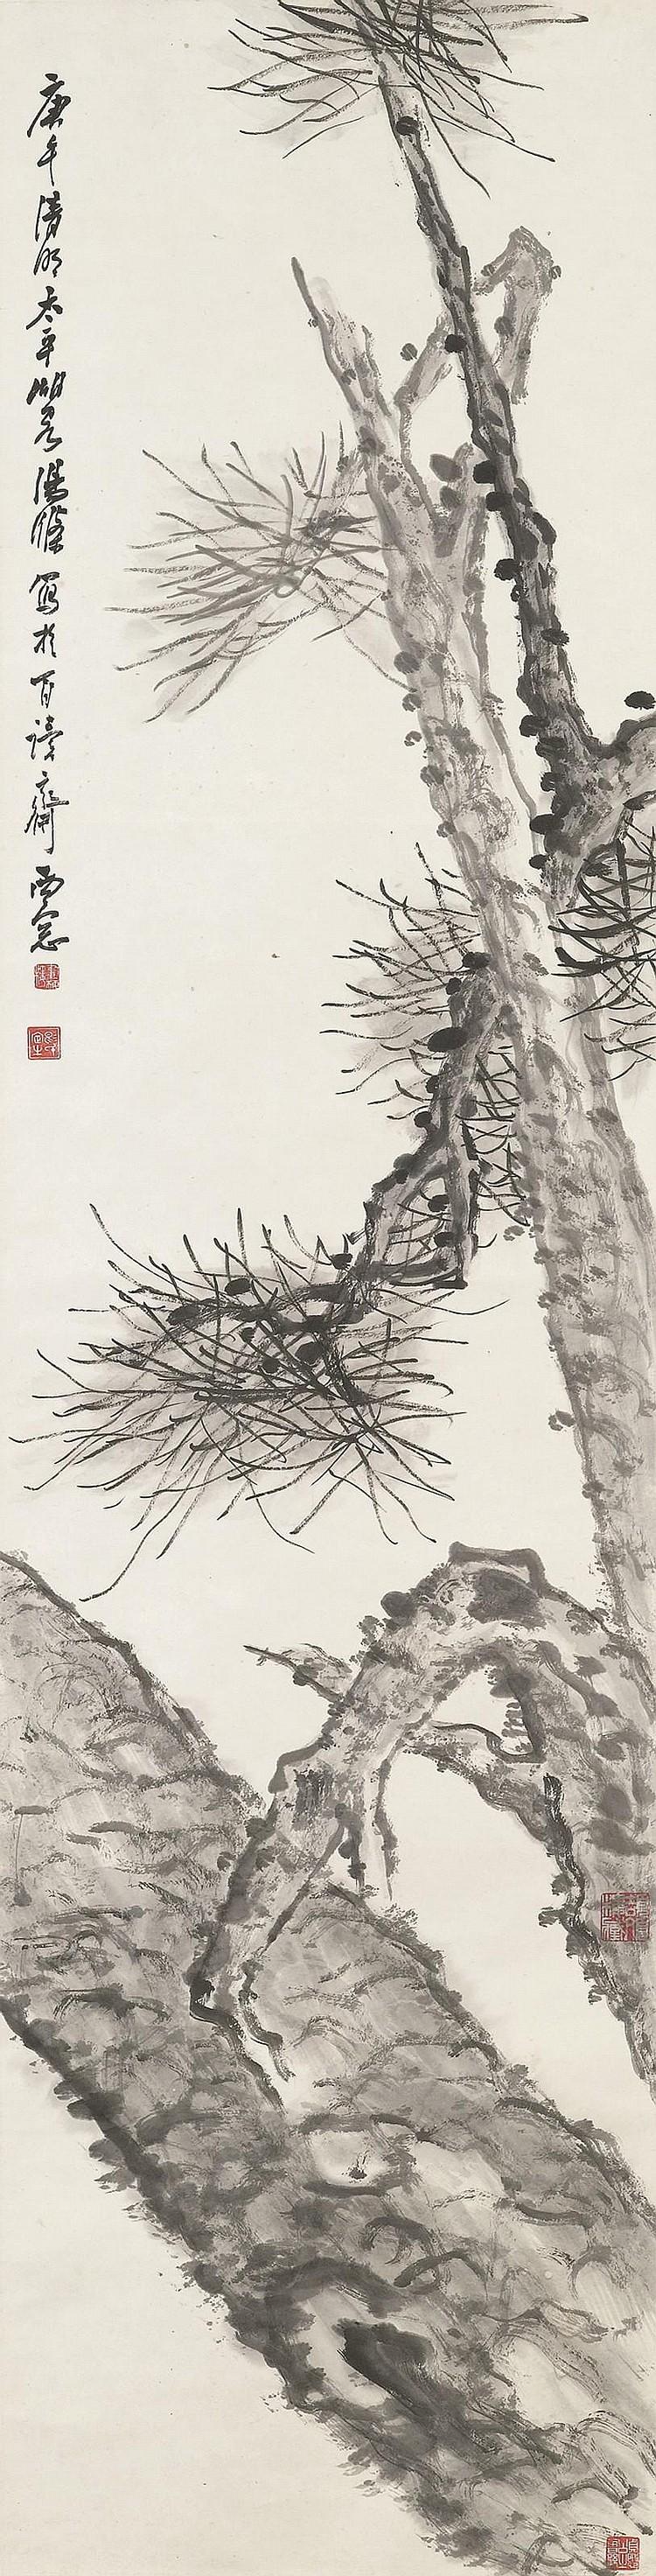 XIAO SUN (1883-1944)  TANG DI (1878-1948)